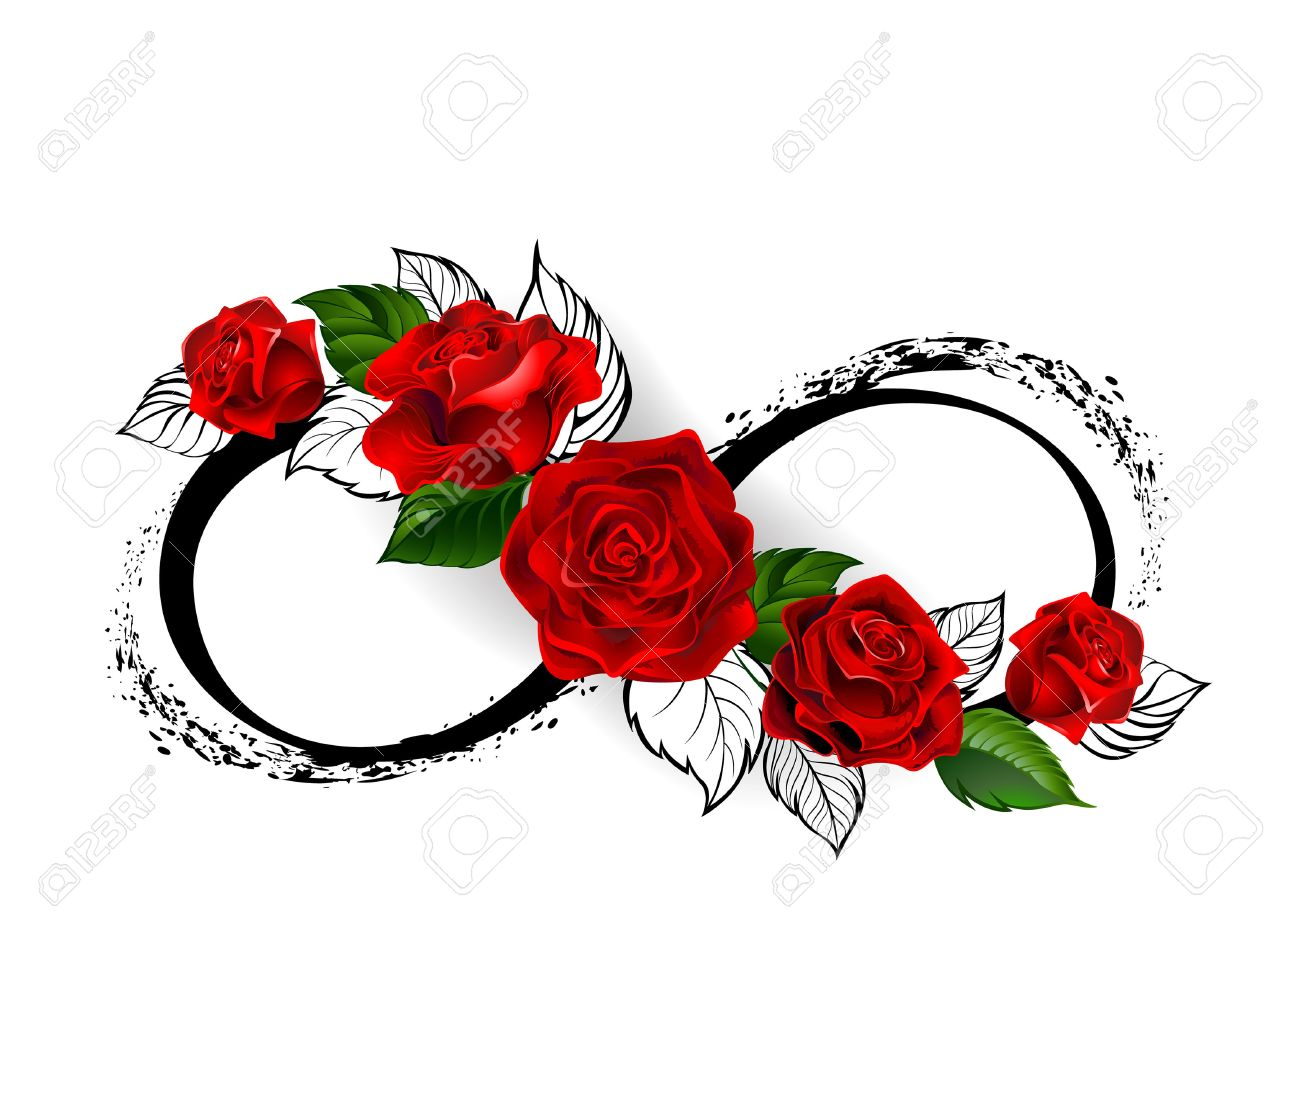 Simbolo De Infinito Con Rosas Rojas Y Tallos Negras Sobre Un Fondo - Diseos-de-rosas